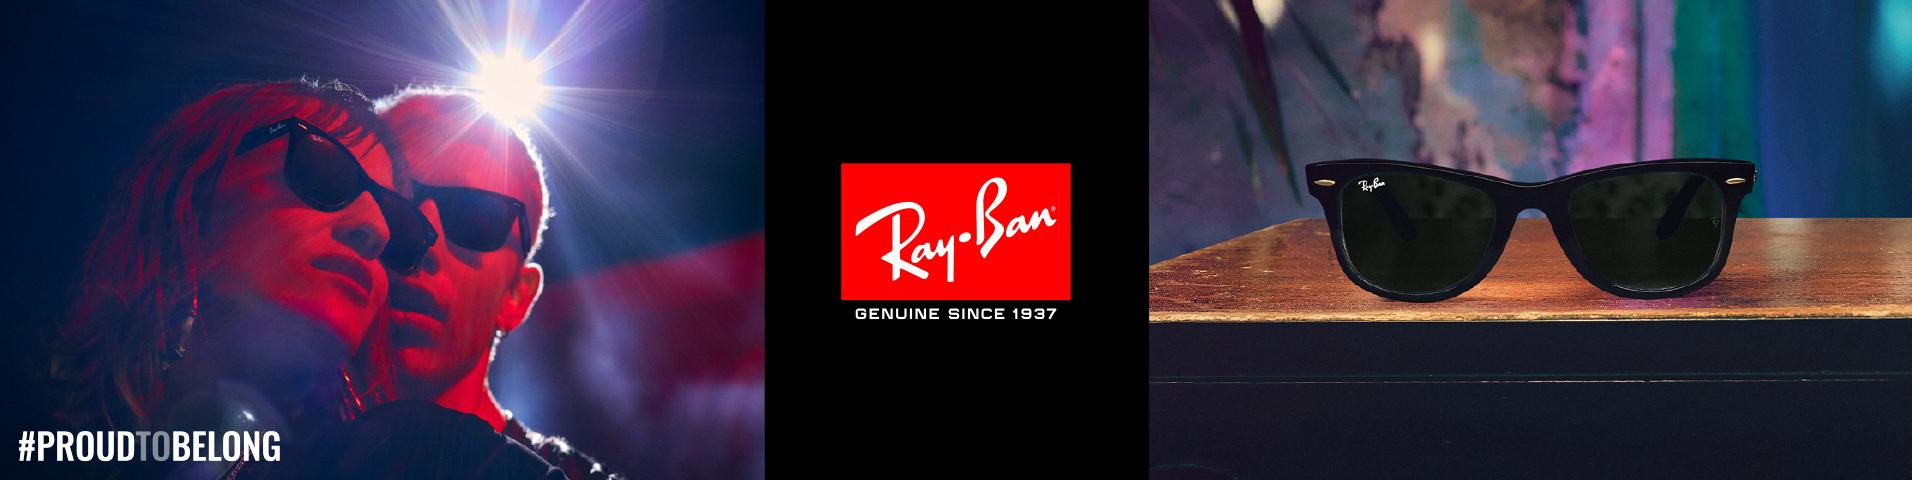 3c44cc817e1e Ray-Ban online